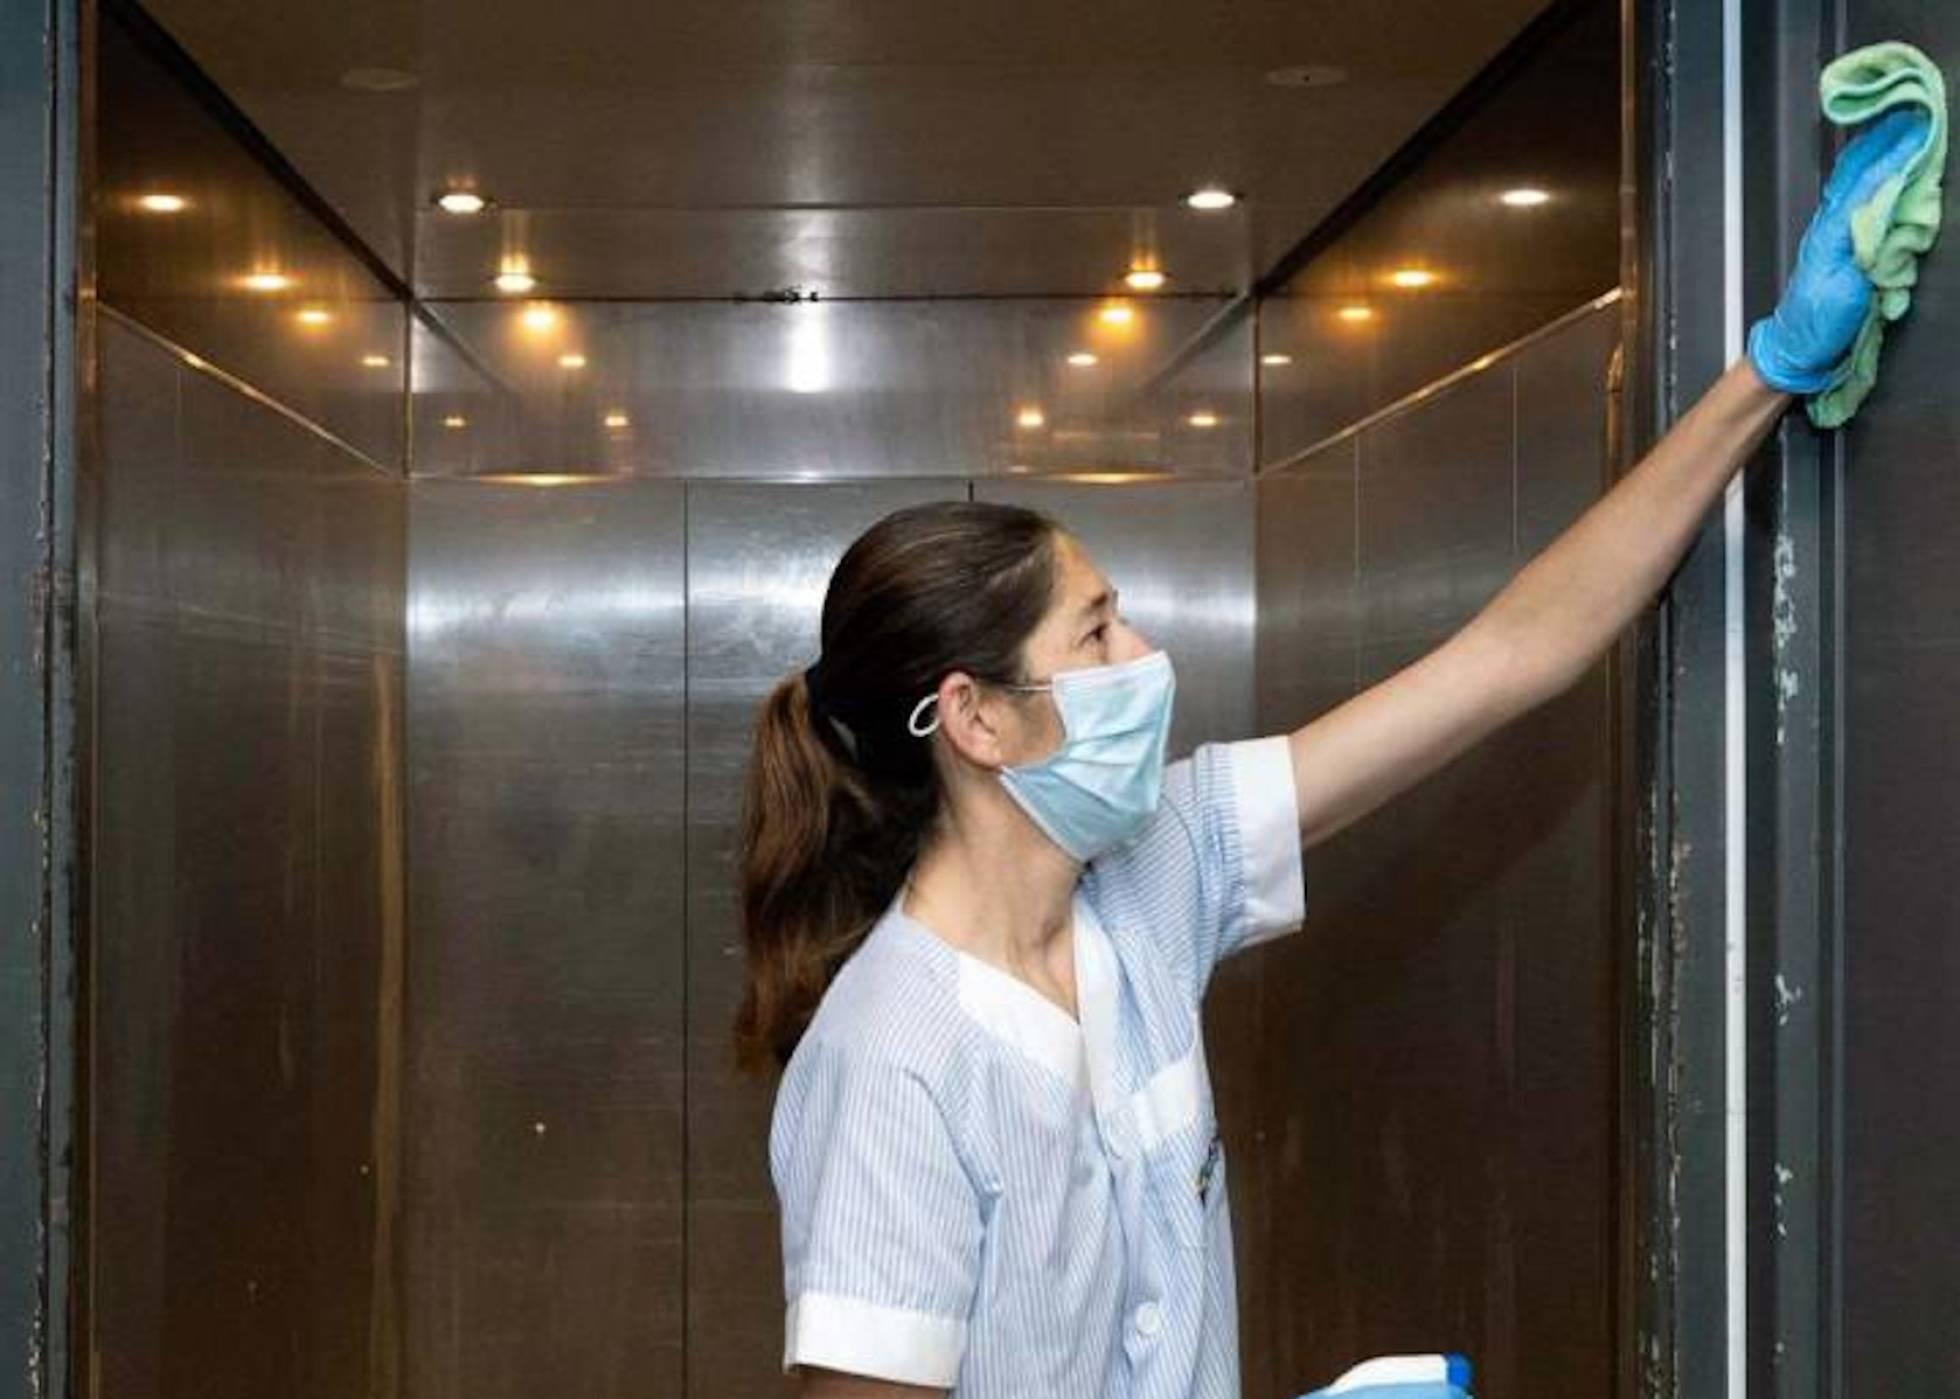 Faltar al trabajo para cuidar de un menor durante la pandemia no equivale a una dimisión